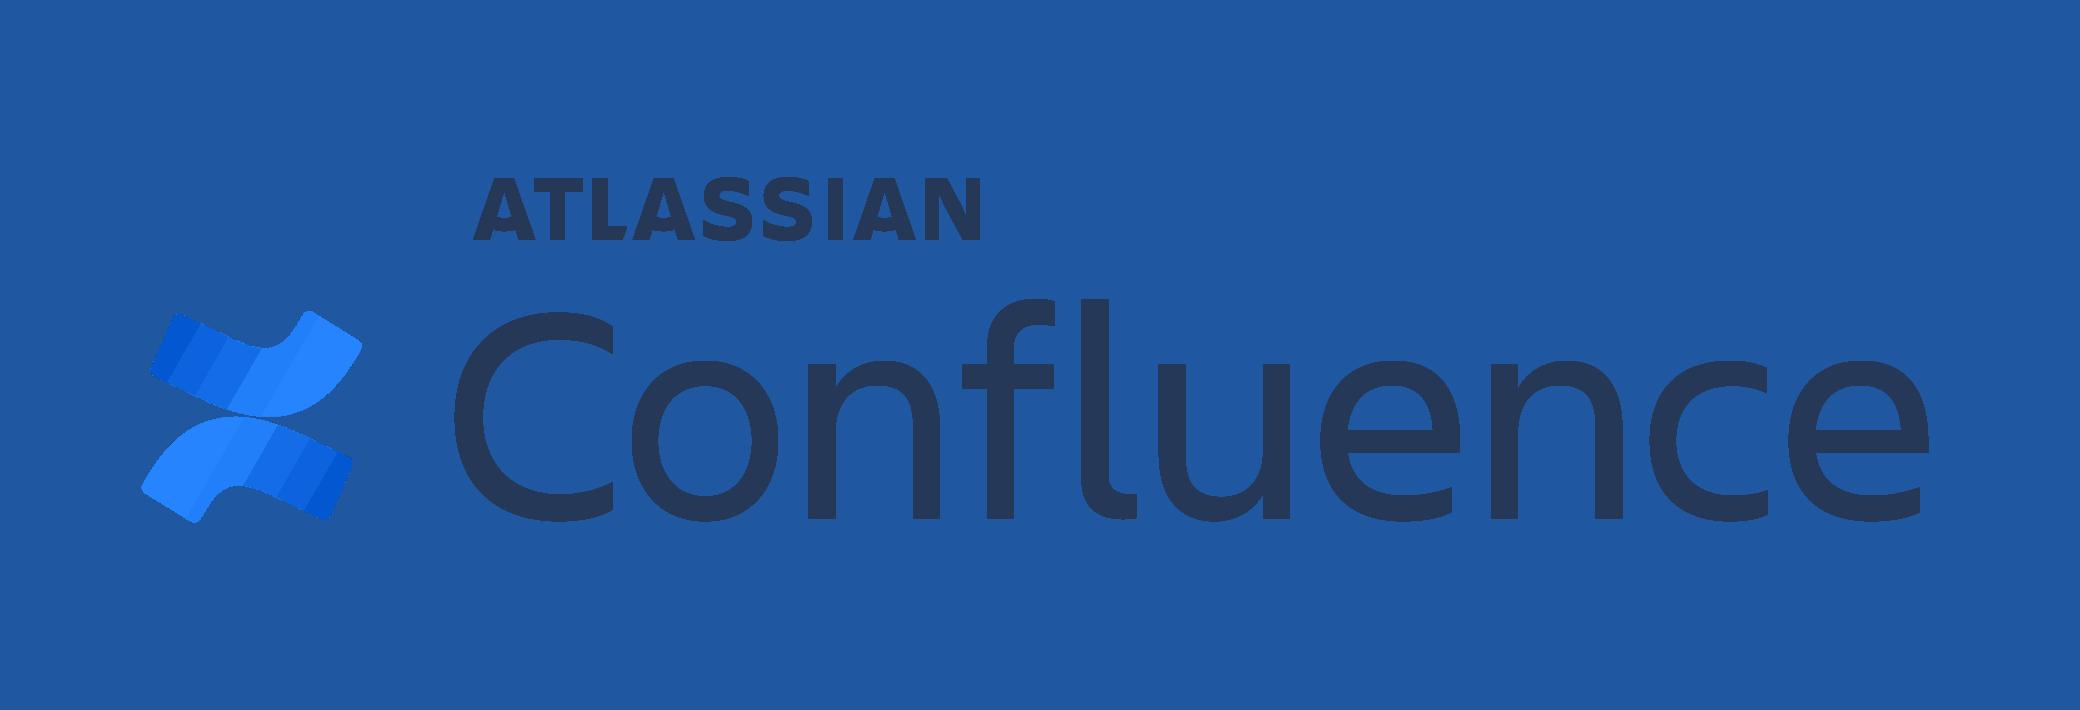 atlassina Confluence